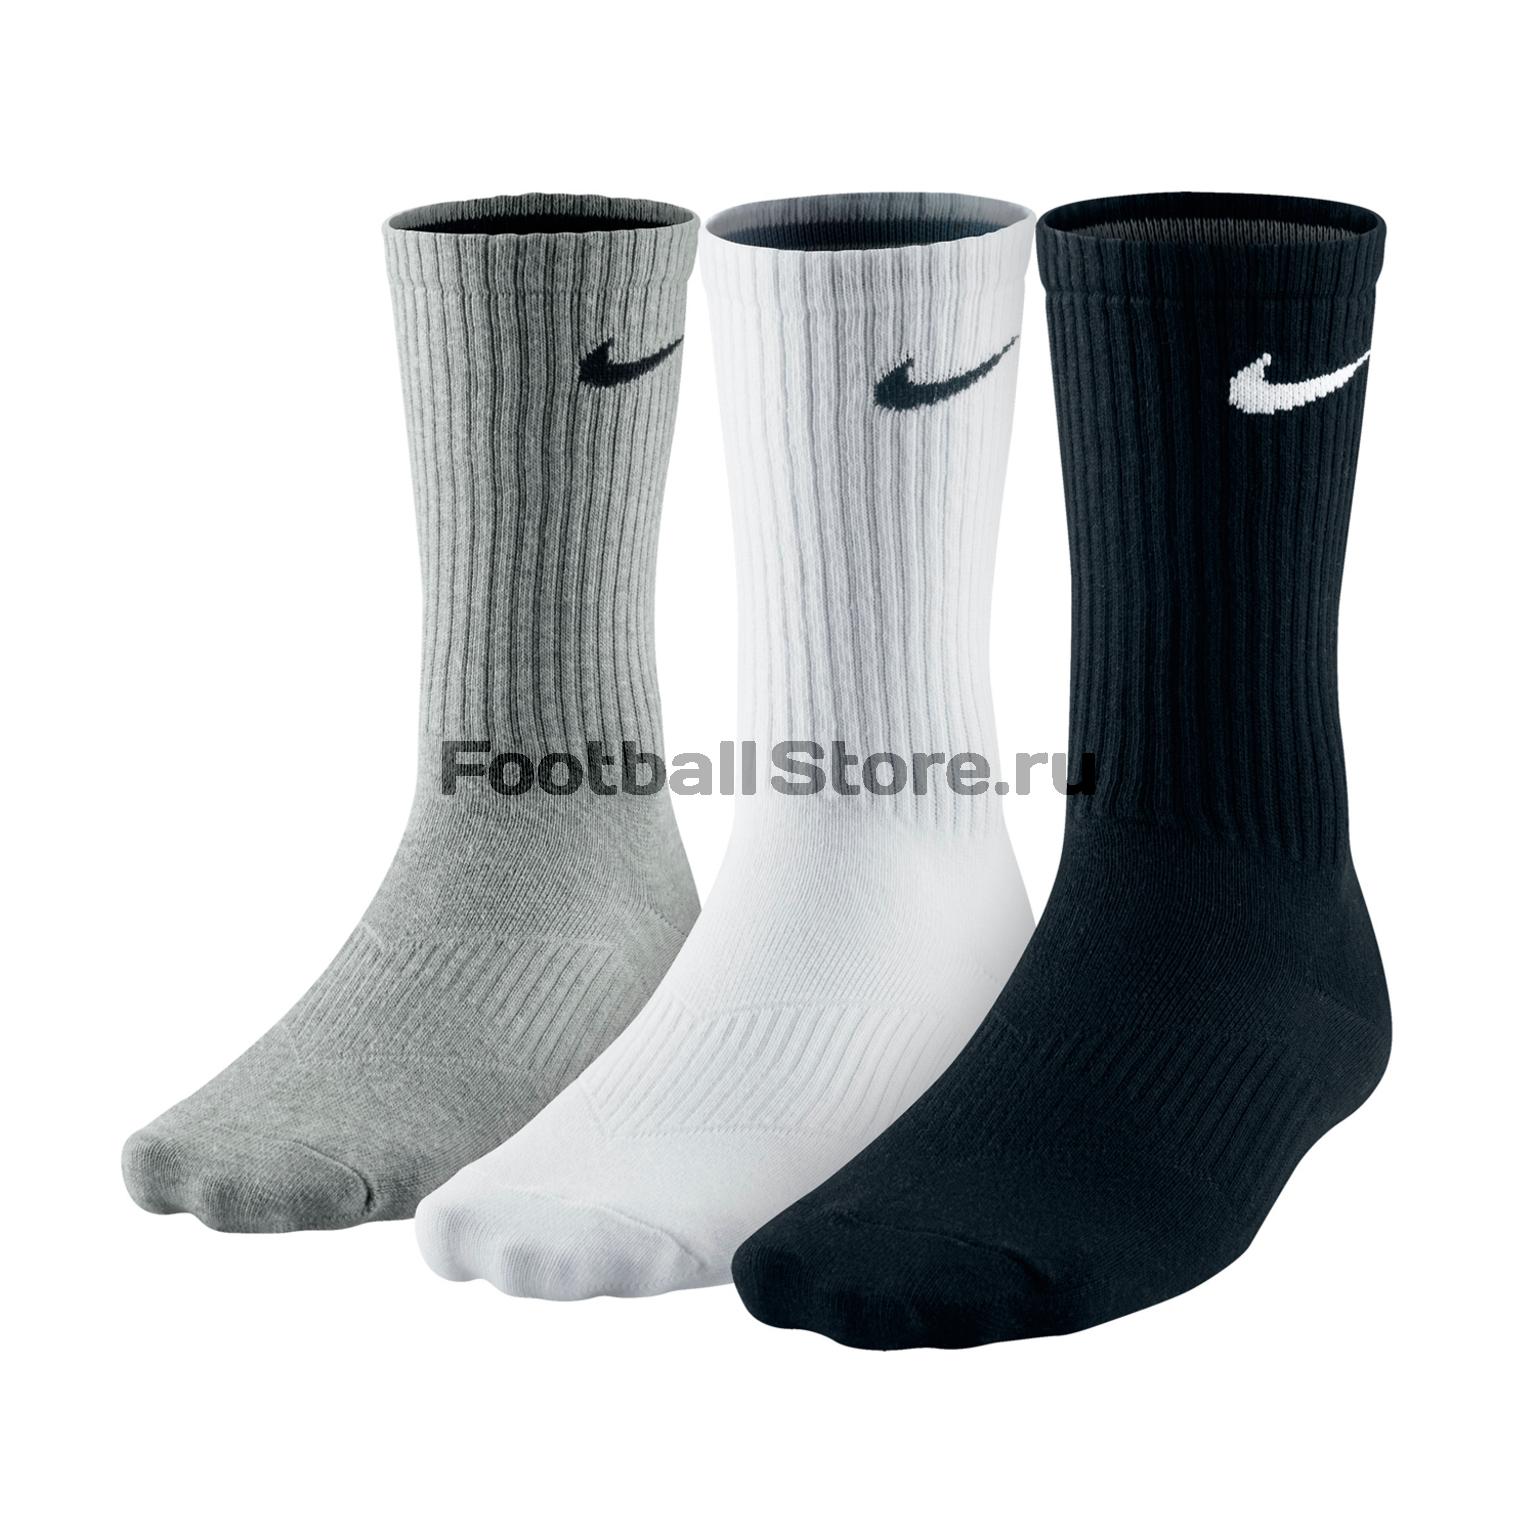 Комплект носков Nike 3ppk Lightweight Сrew SX4704-901